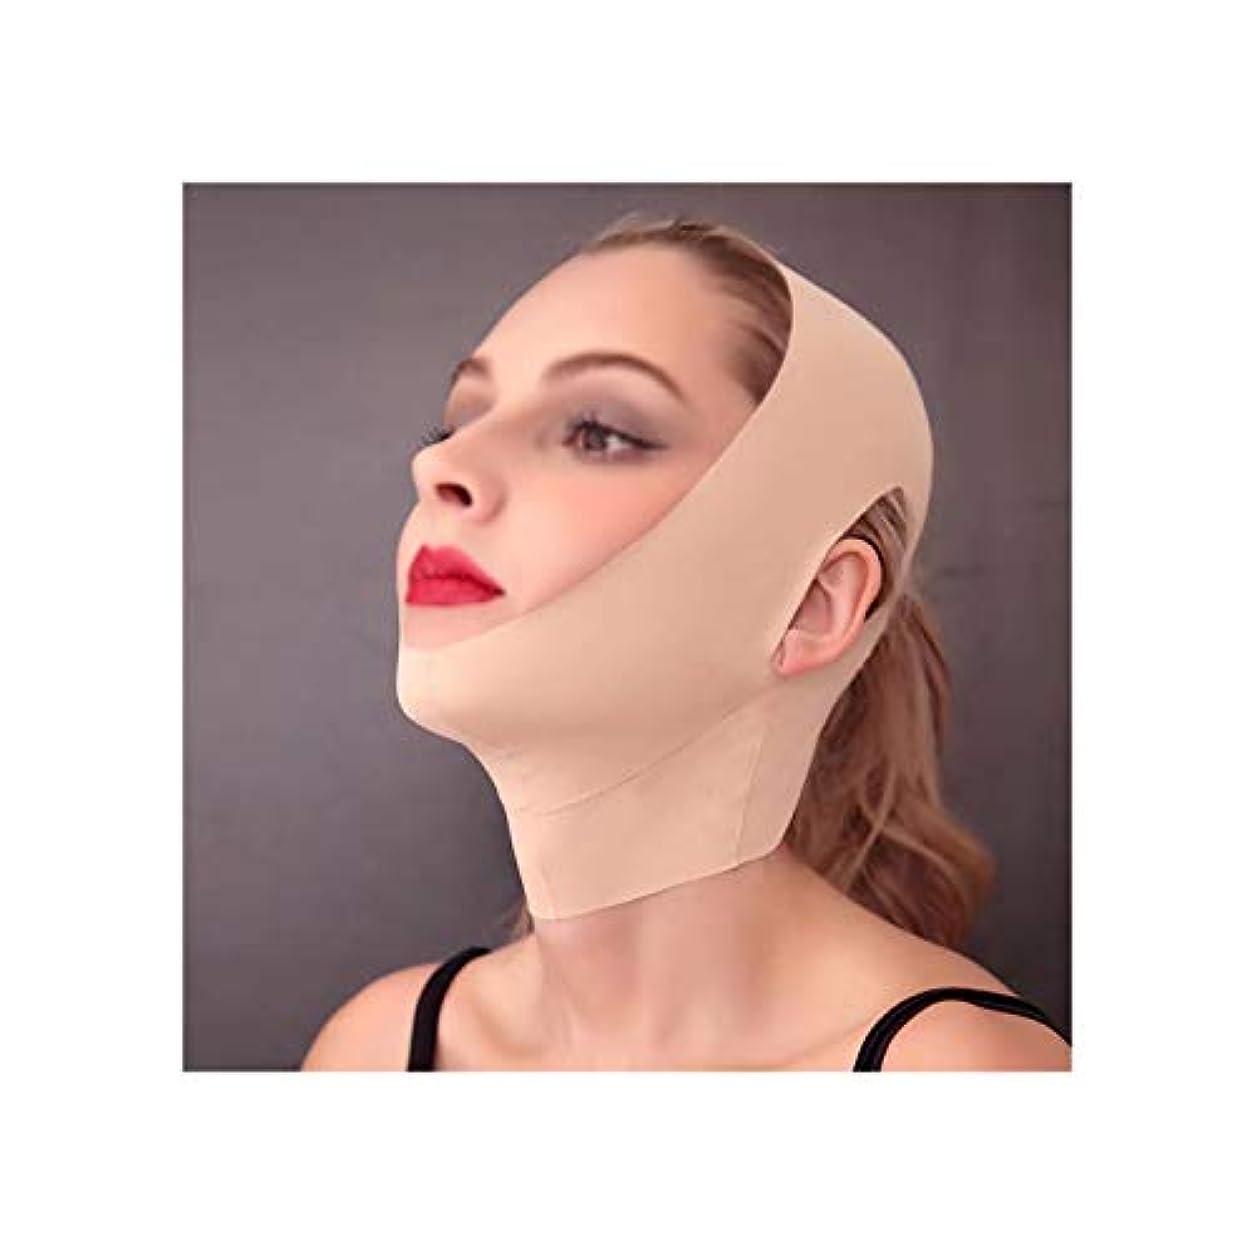 悔い改め視聴者ファシズムフェイシャルマスク、フェイスリフティングアーティファクト女性の男性の睡眠の顔Vフェイス包帯マスクリフティングフェイス修正引き締め顔に二重あご痩身ベルト